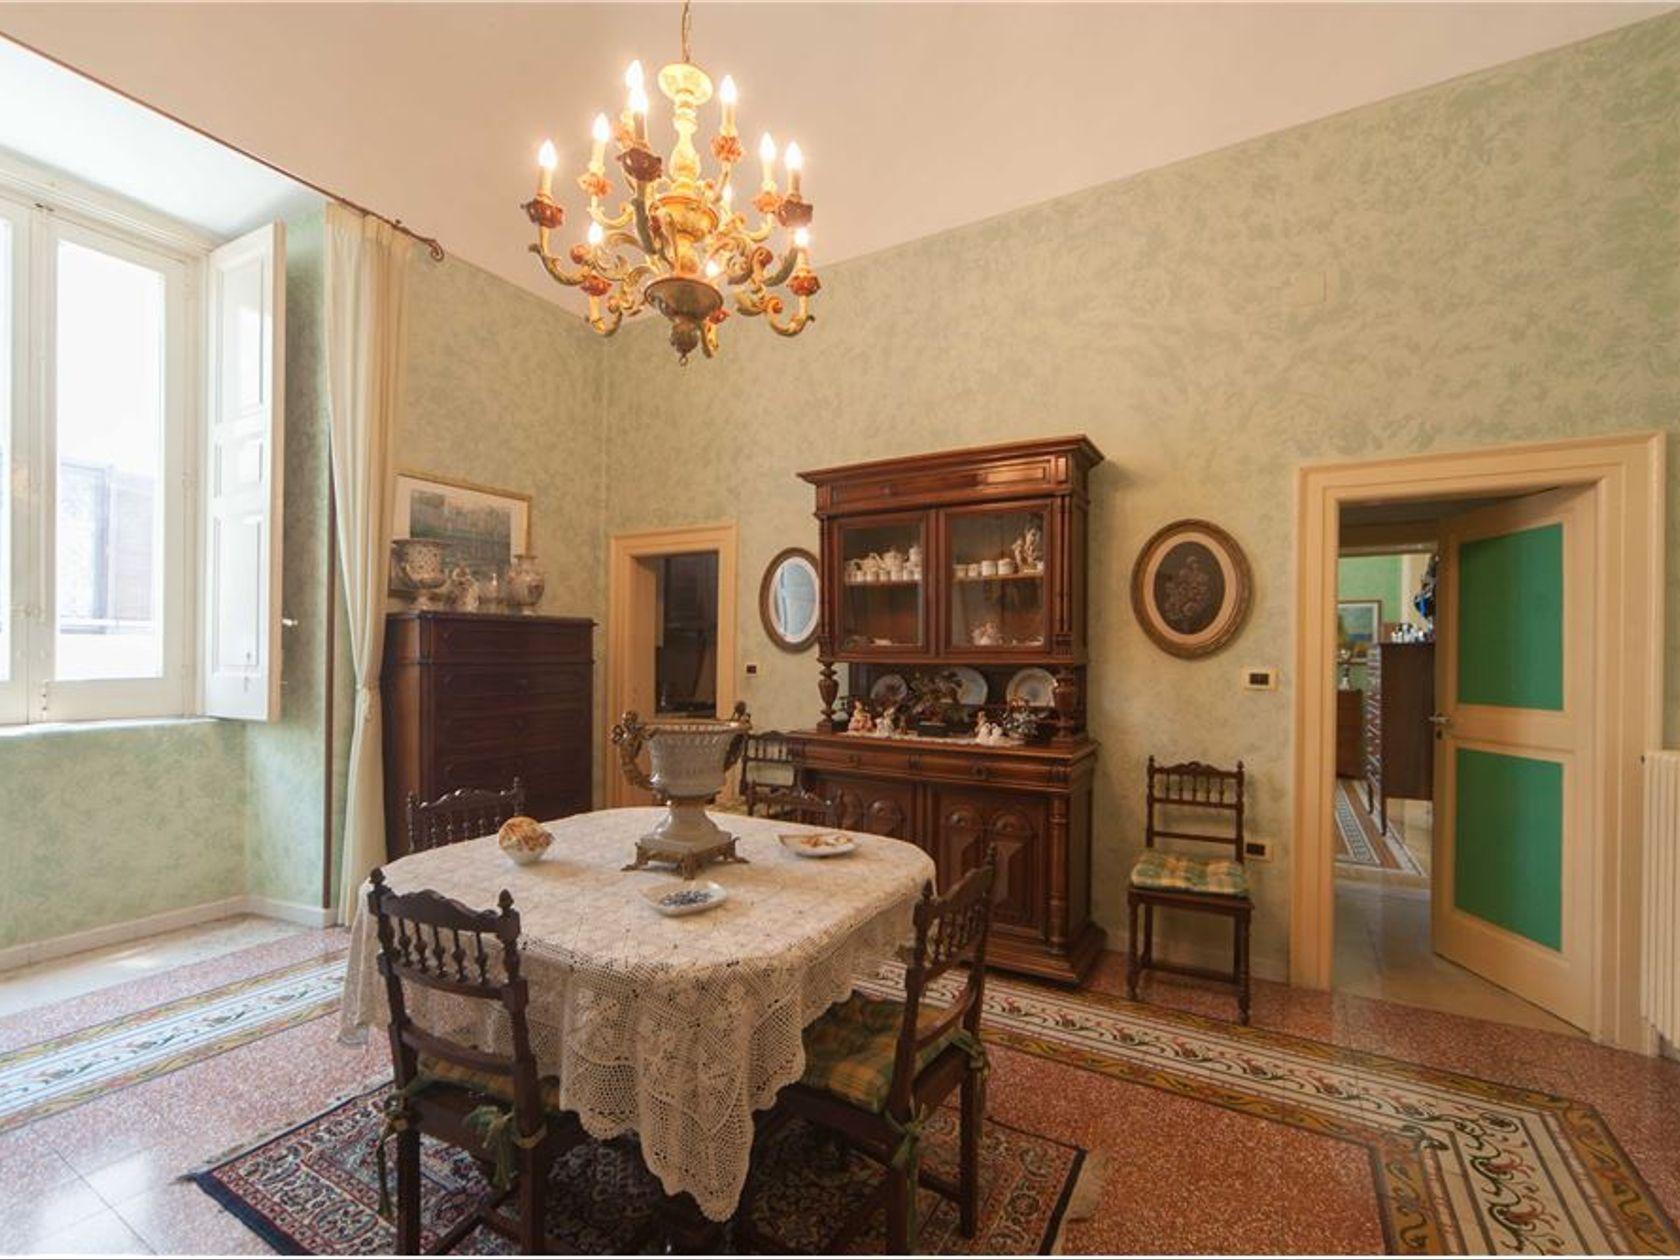 Abitare Bagno Trani appartamento in vendita trani 21260119-107   re/max italia